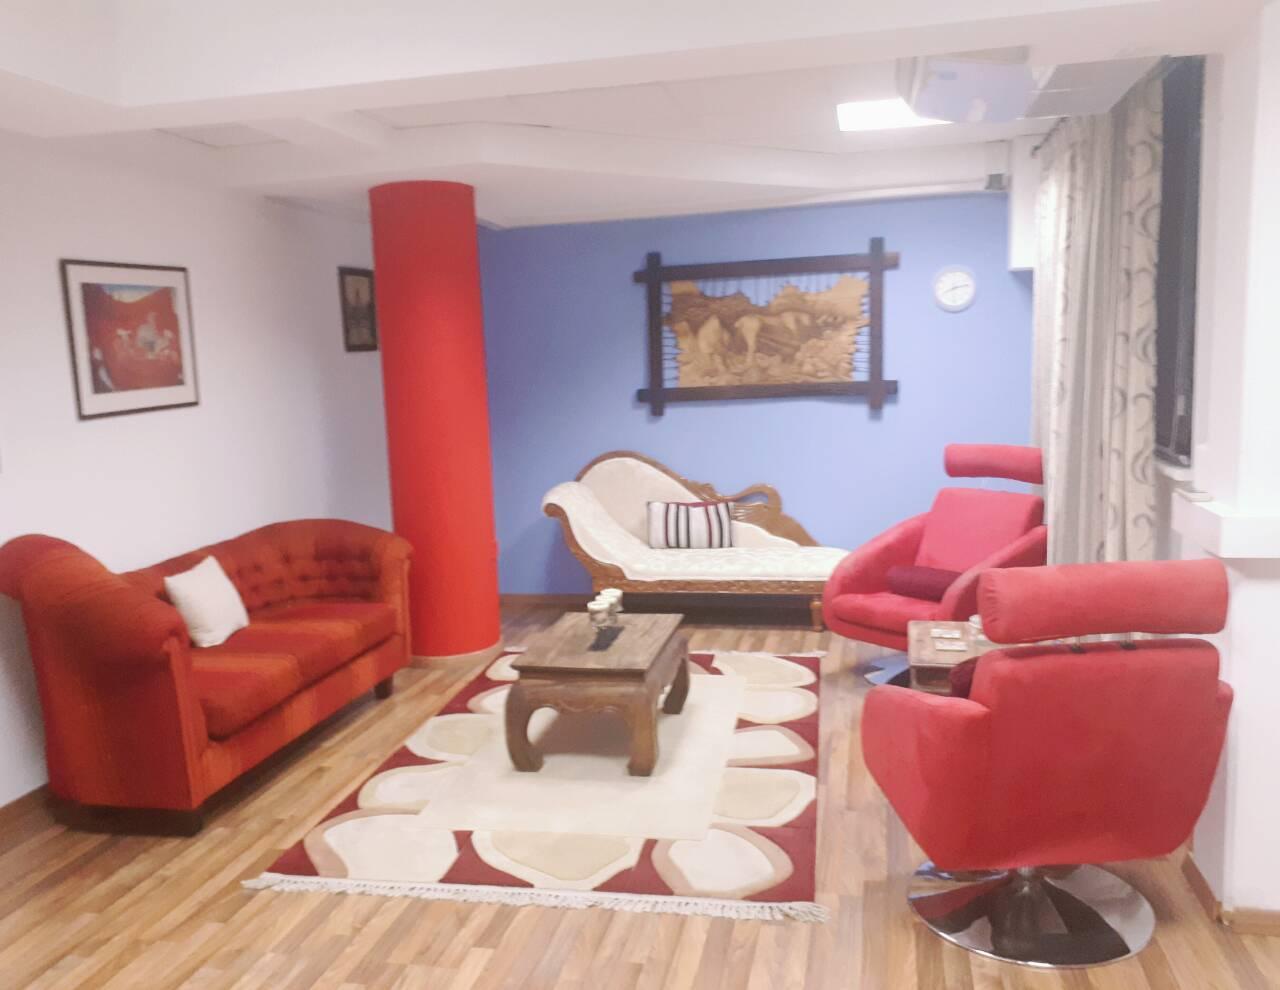 Το γραφείο ατομικής και οικογενειακής συμβουλευτικής και ψυχοθεραπείας που διαθέτει το Κέντρο Ευφυίας και Ευεξίας που λειτουργούμε στη Λεμεσό.